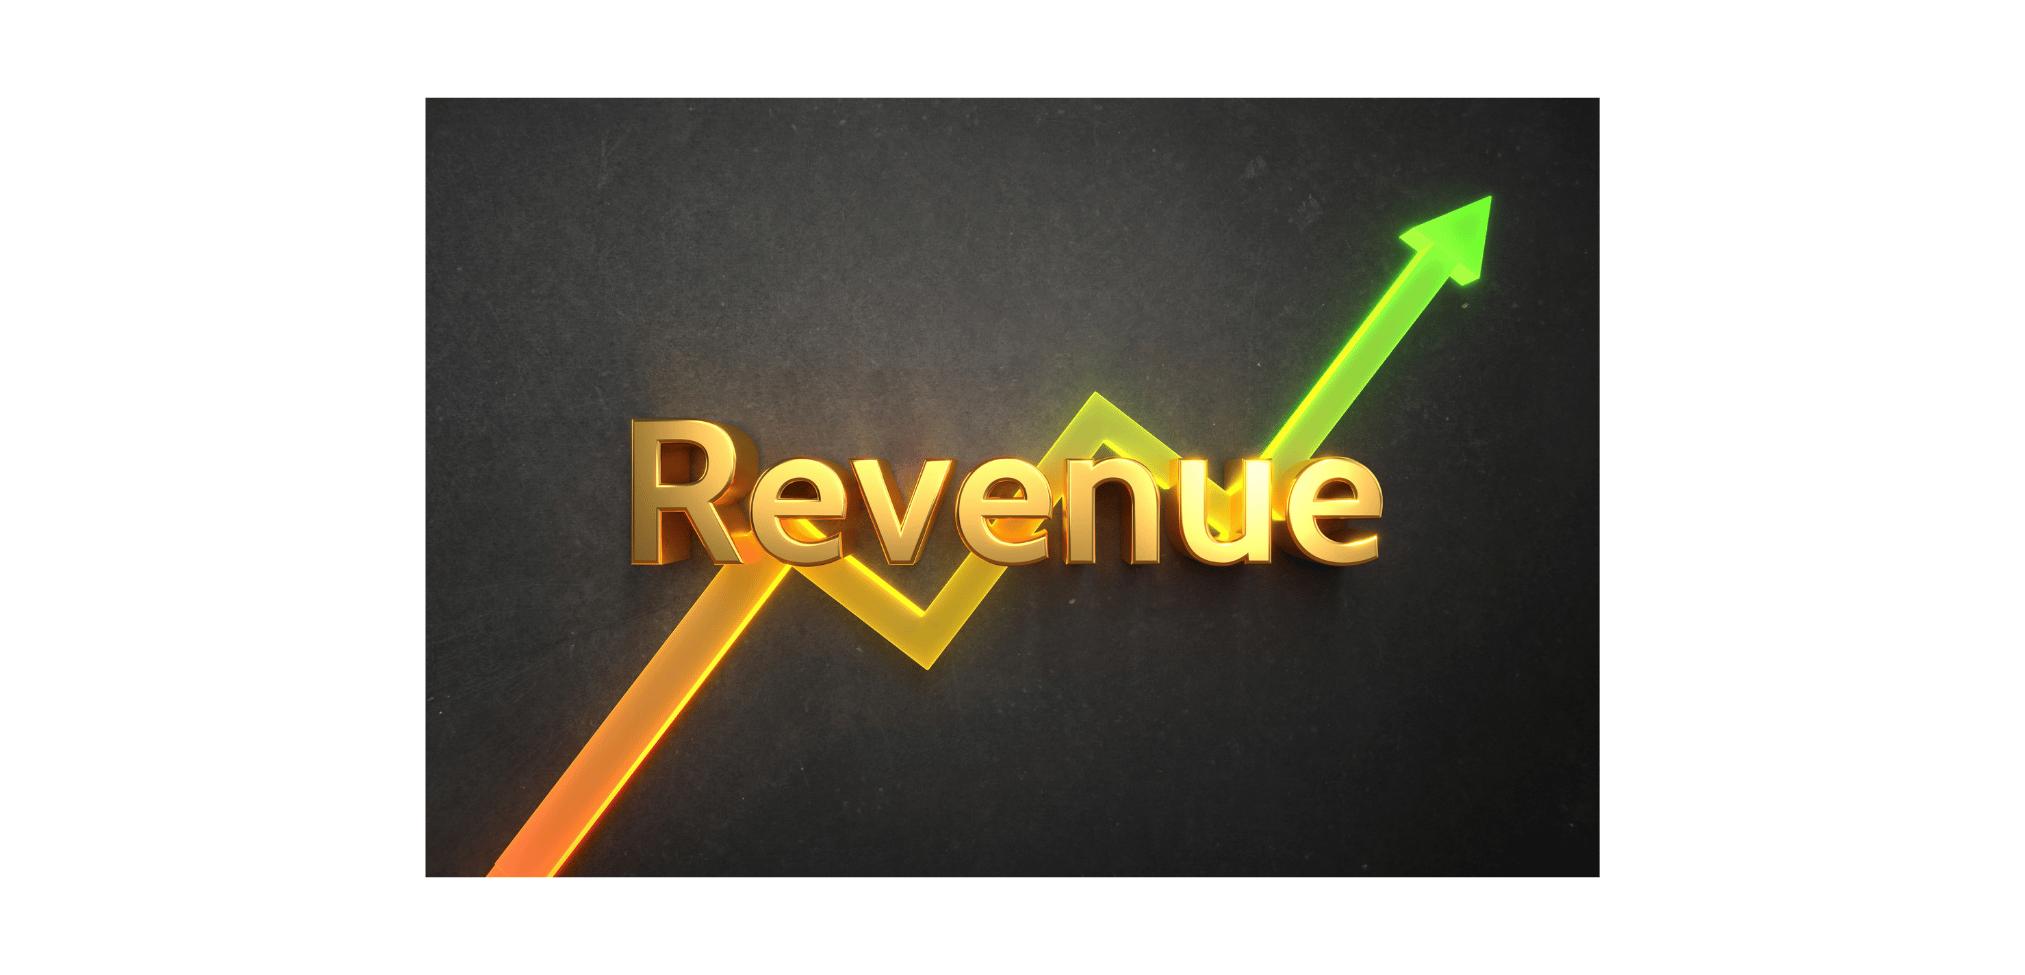 Revenue arrow